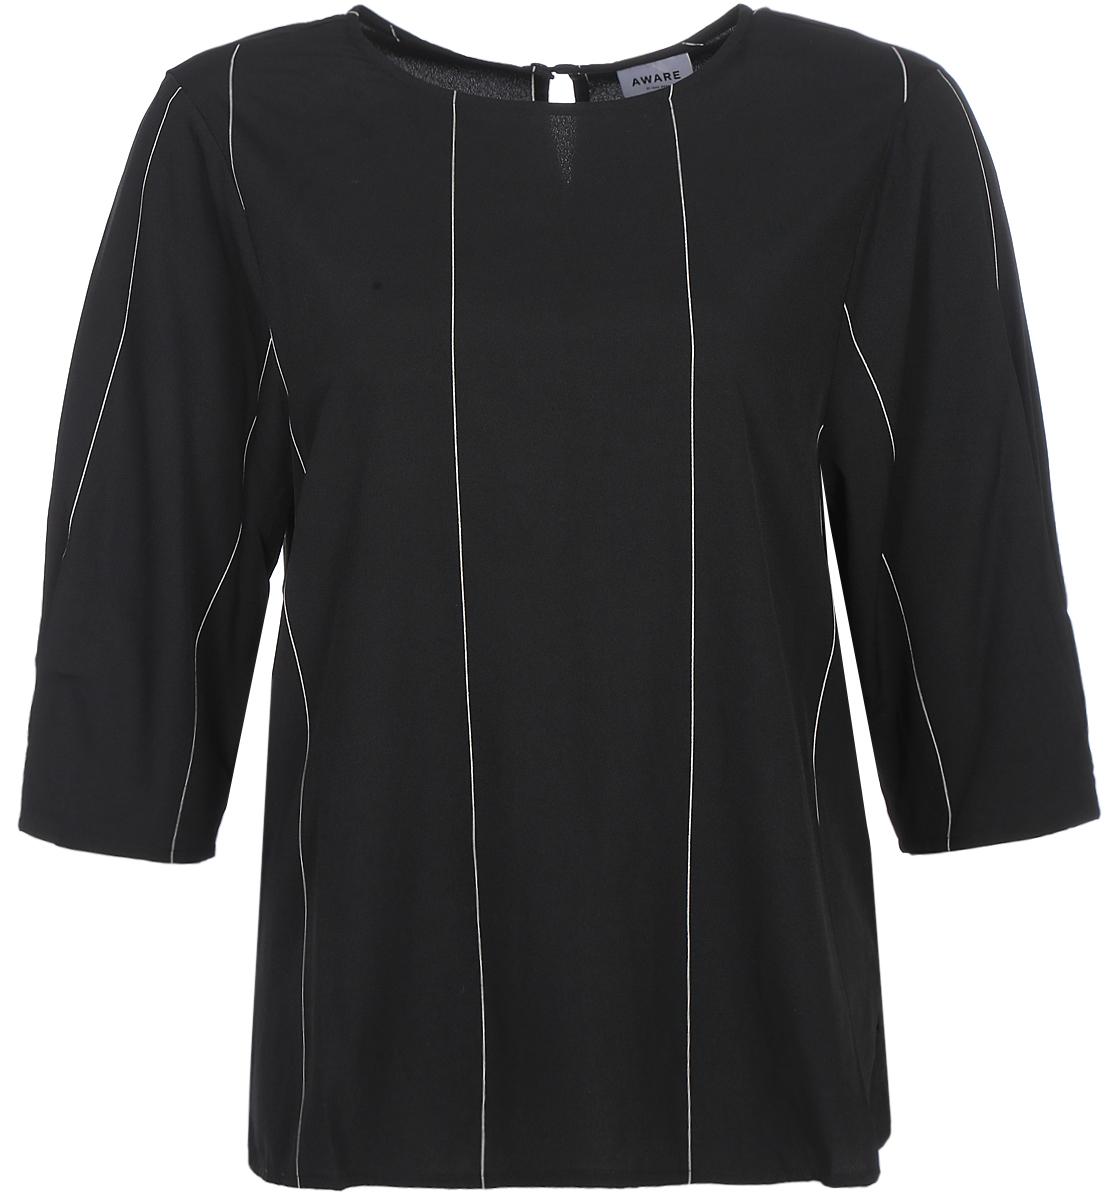 Блузка женская Vero Moda, цвет: черный. 10187952_Black. Размер 44/4610187952_BlackСтильная блузка свободного силуэта, выполненная из 100% полиэстера, отлично дополнит ваш гардероб. Модель с рукавами до локтя и круглым вырезом горловины на спинке имеет застежку на пуговицу.